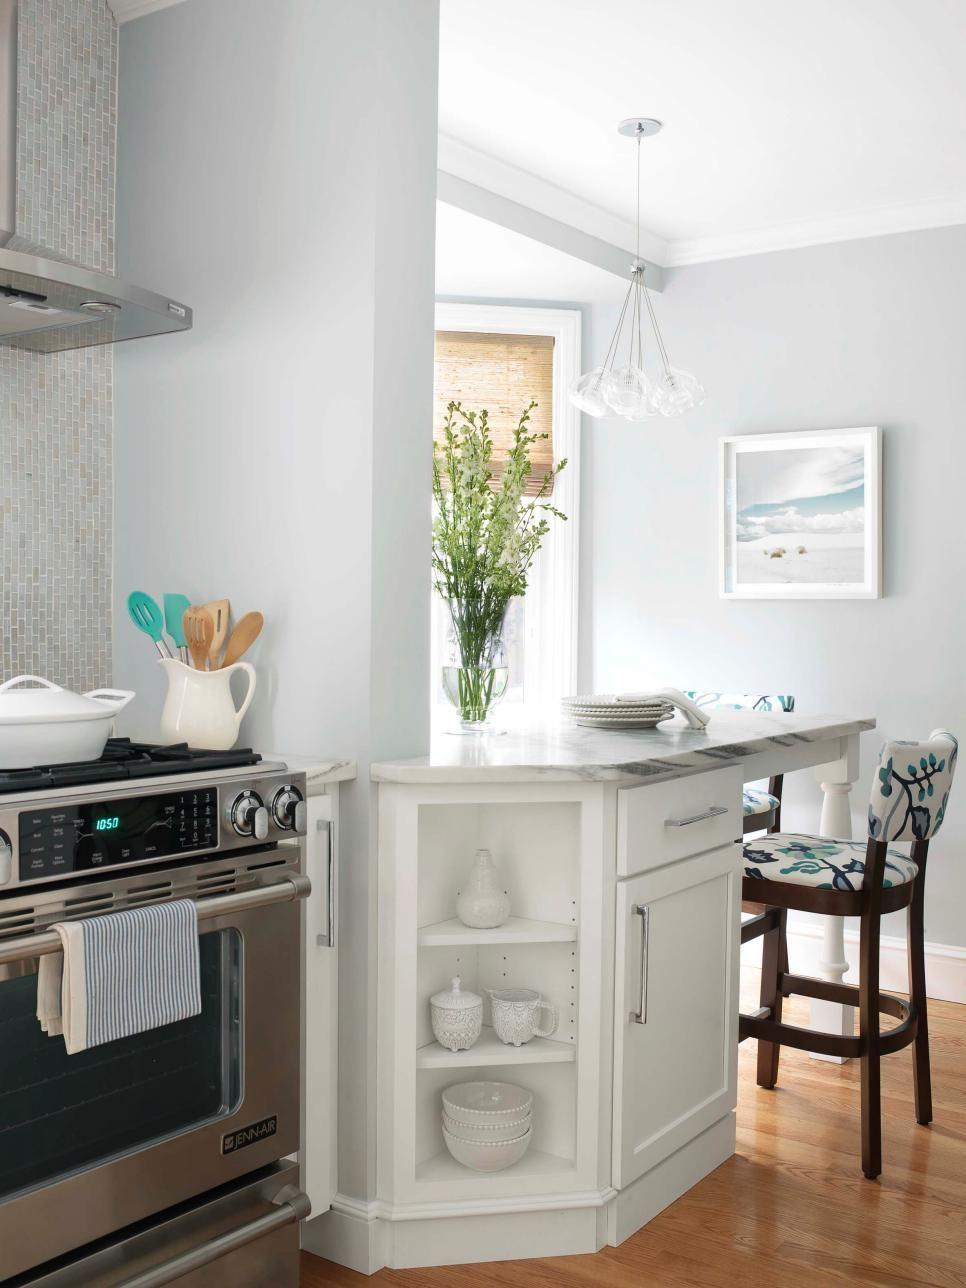 Rooms Viewer Kitchen Design Decor New Kitchen Interior Kitchen Layout